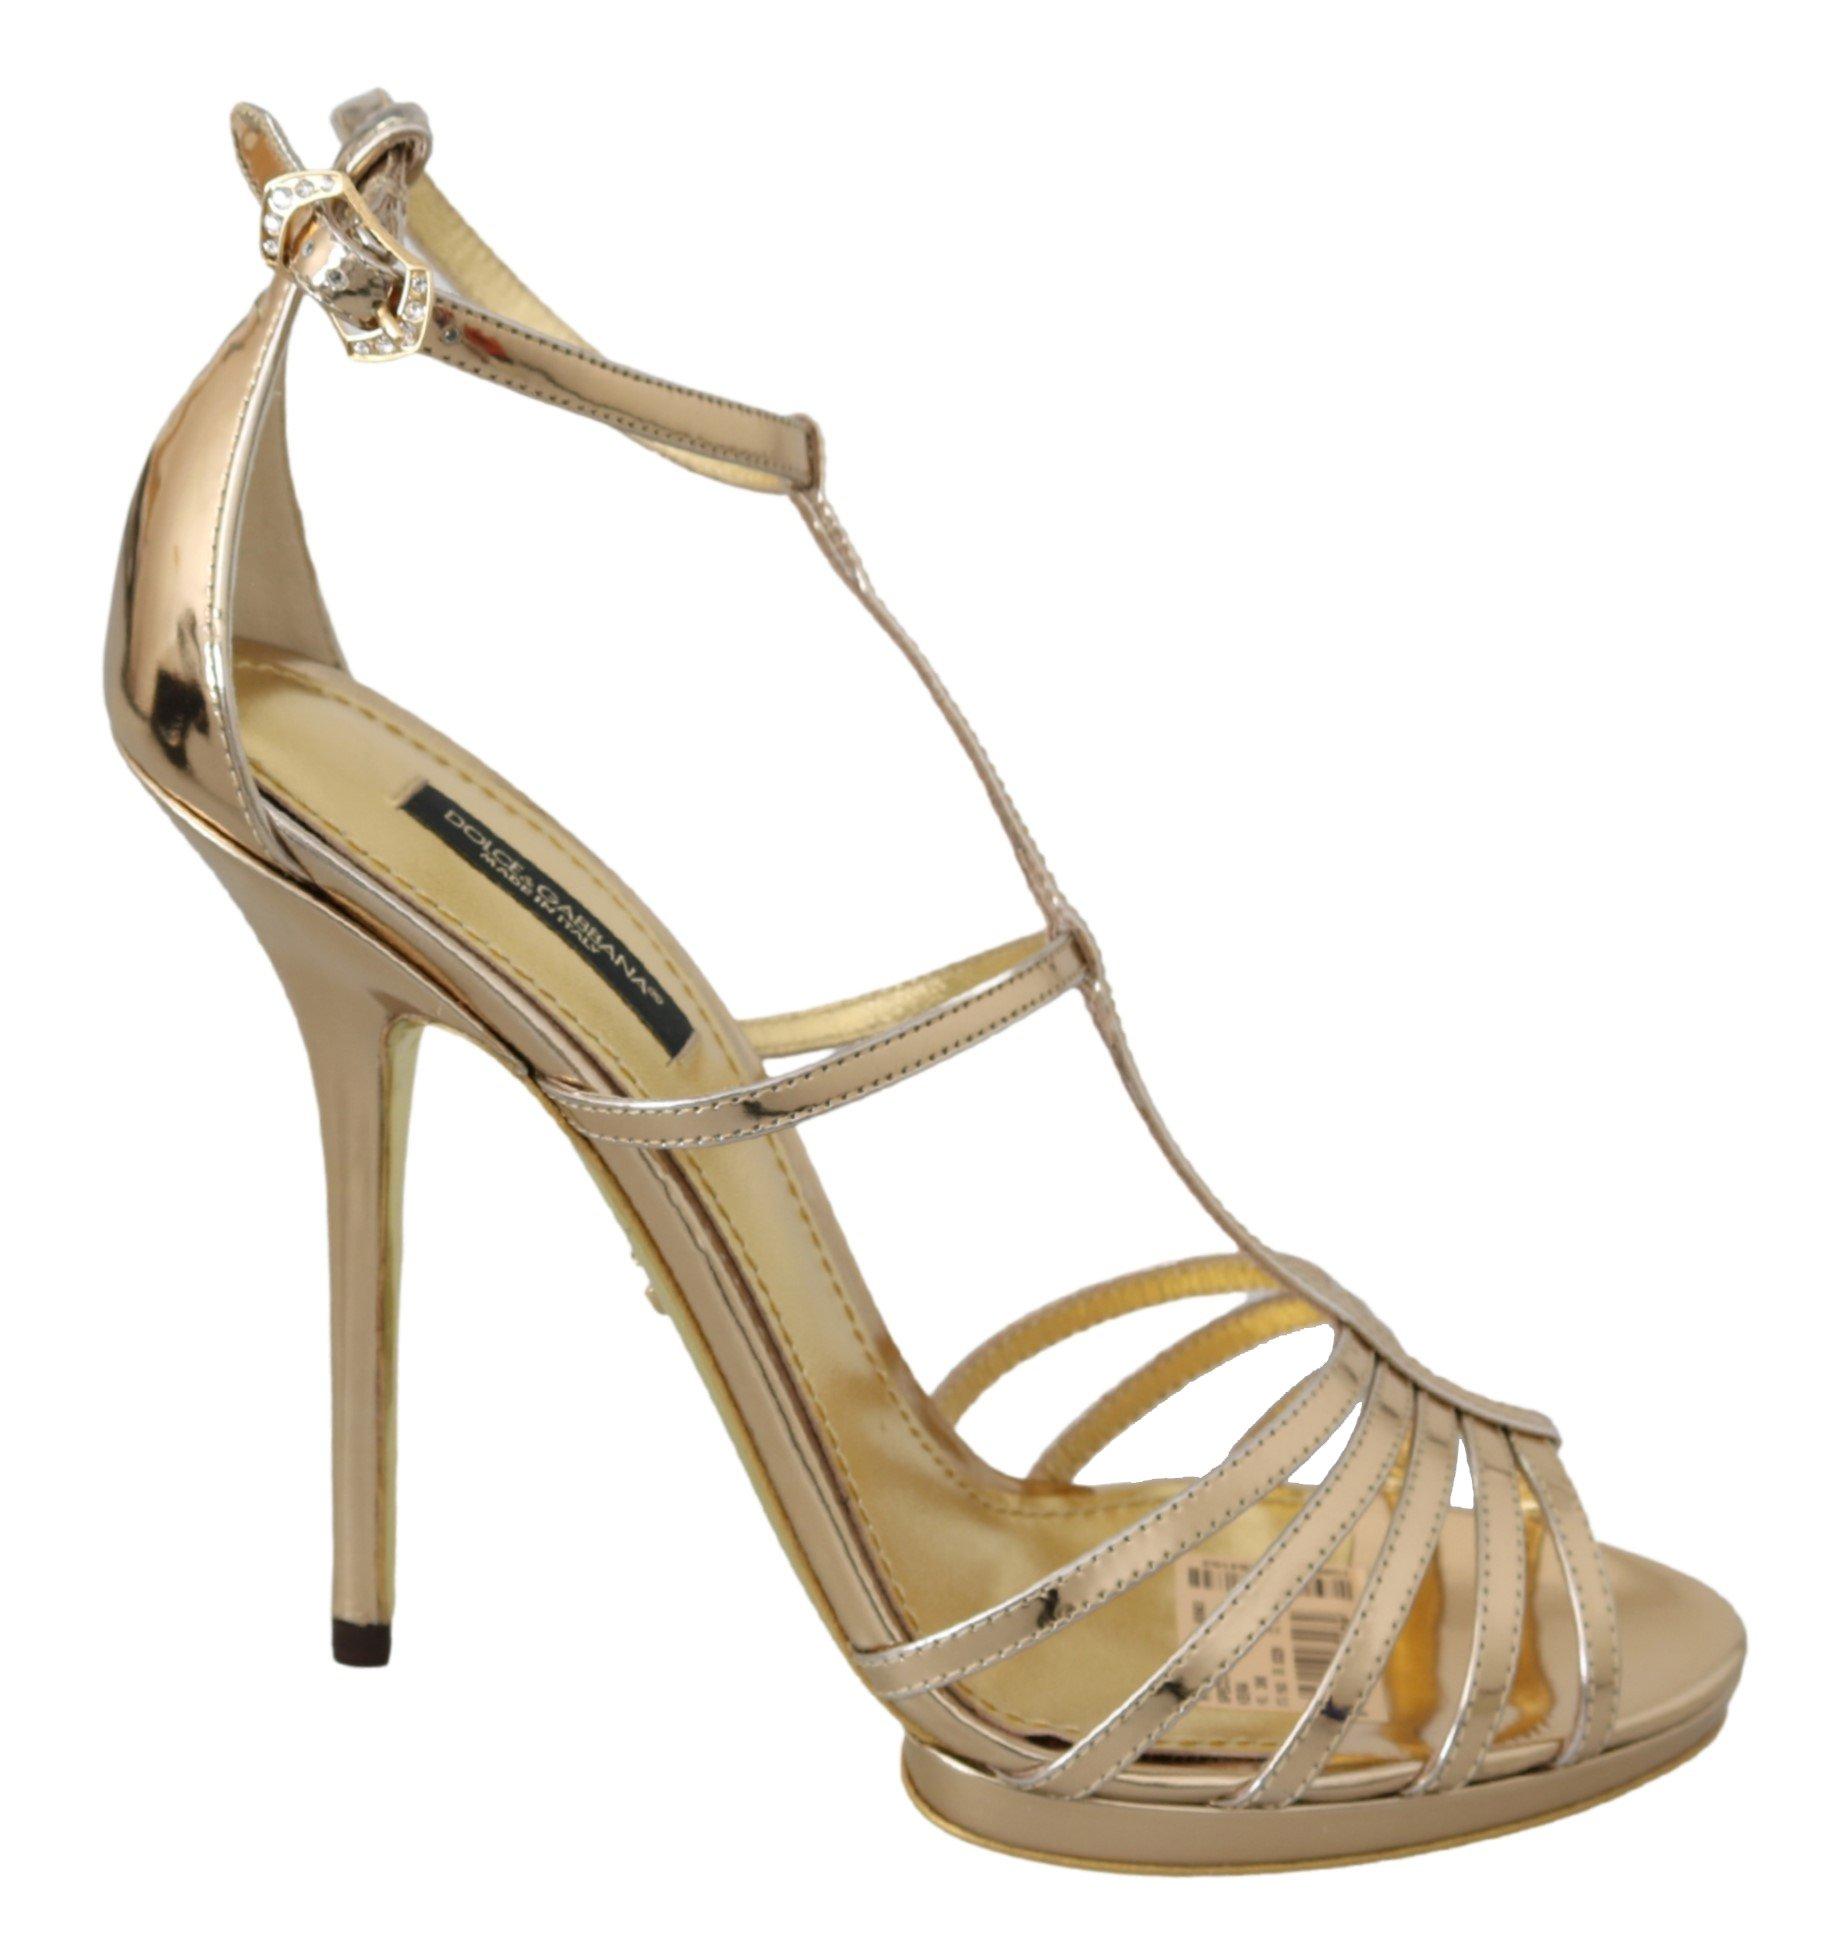 Dolce & Gabbana Women's Leather Ankle Strap Sandal Gold LA7012 - EU39/US8.5